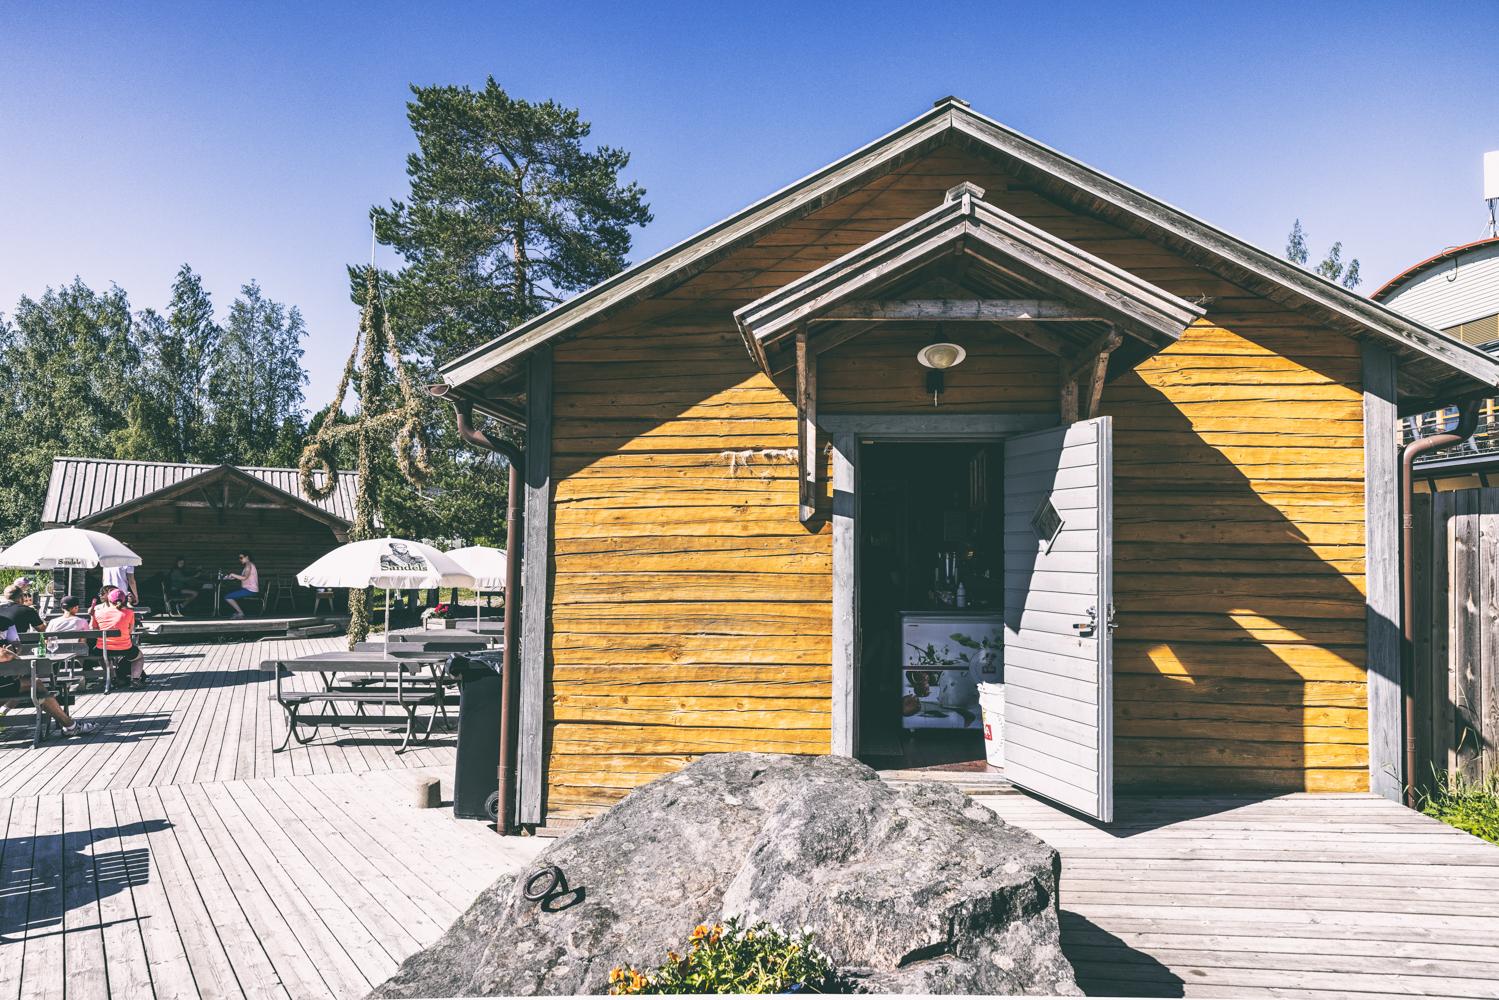 7 sillan saaristotie, pohjanmaa, keski-pohjanmaa, kokkola, pietarsaari, luoto, lammassaari, bosund, Öja, Larsmo, saaristoreitti, saaristotie, seitsemän sillan tie, siltareitti, kotimaa, kotimaan matkailu, matkustus, travelfinland, visitfinland, valokuvaaja, Frida Steiner, visualaddict, blog, visualaddictfrida, Cafe Bryggan